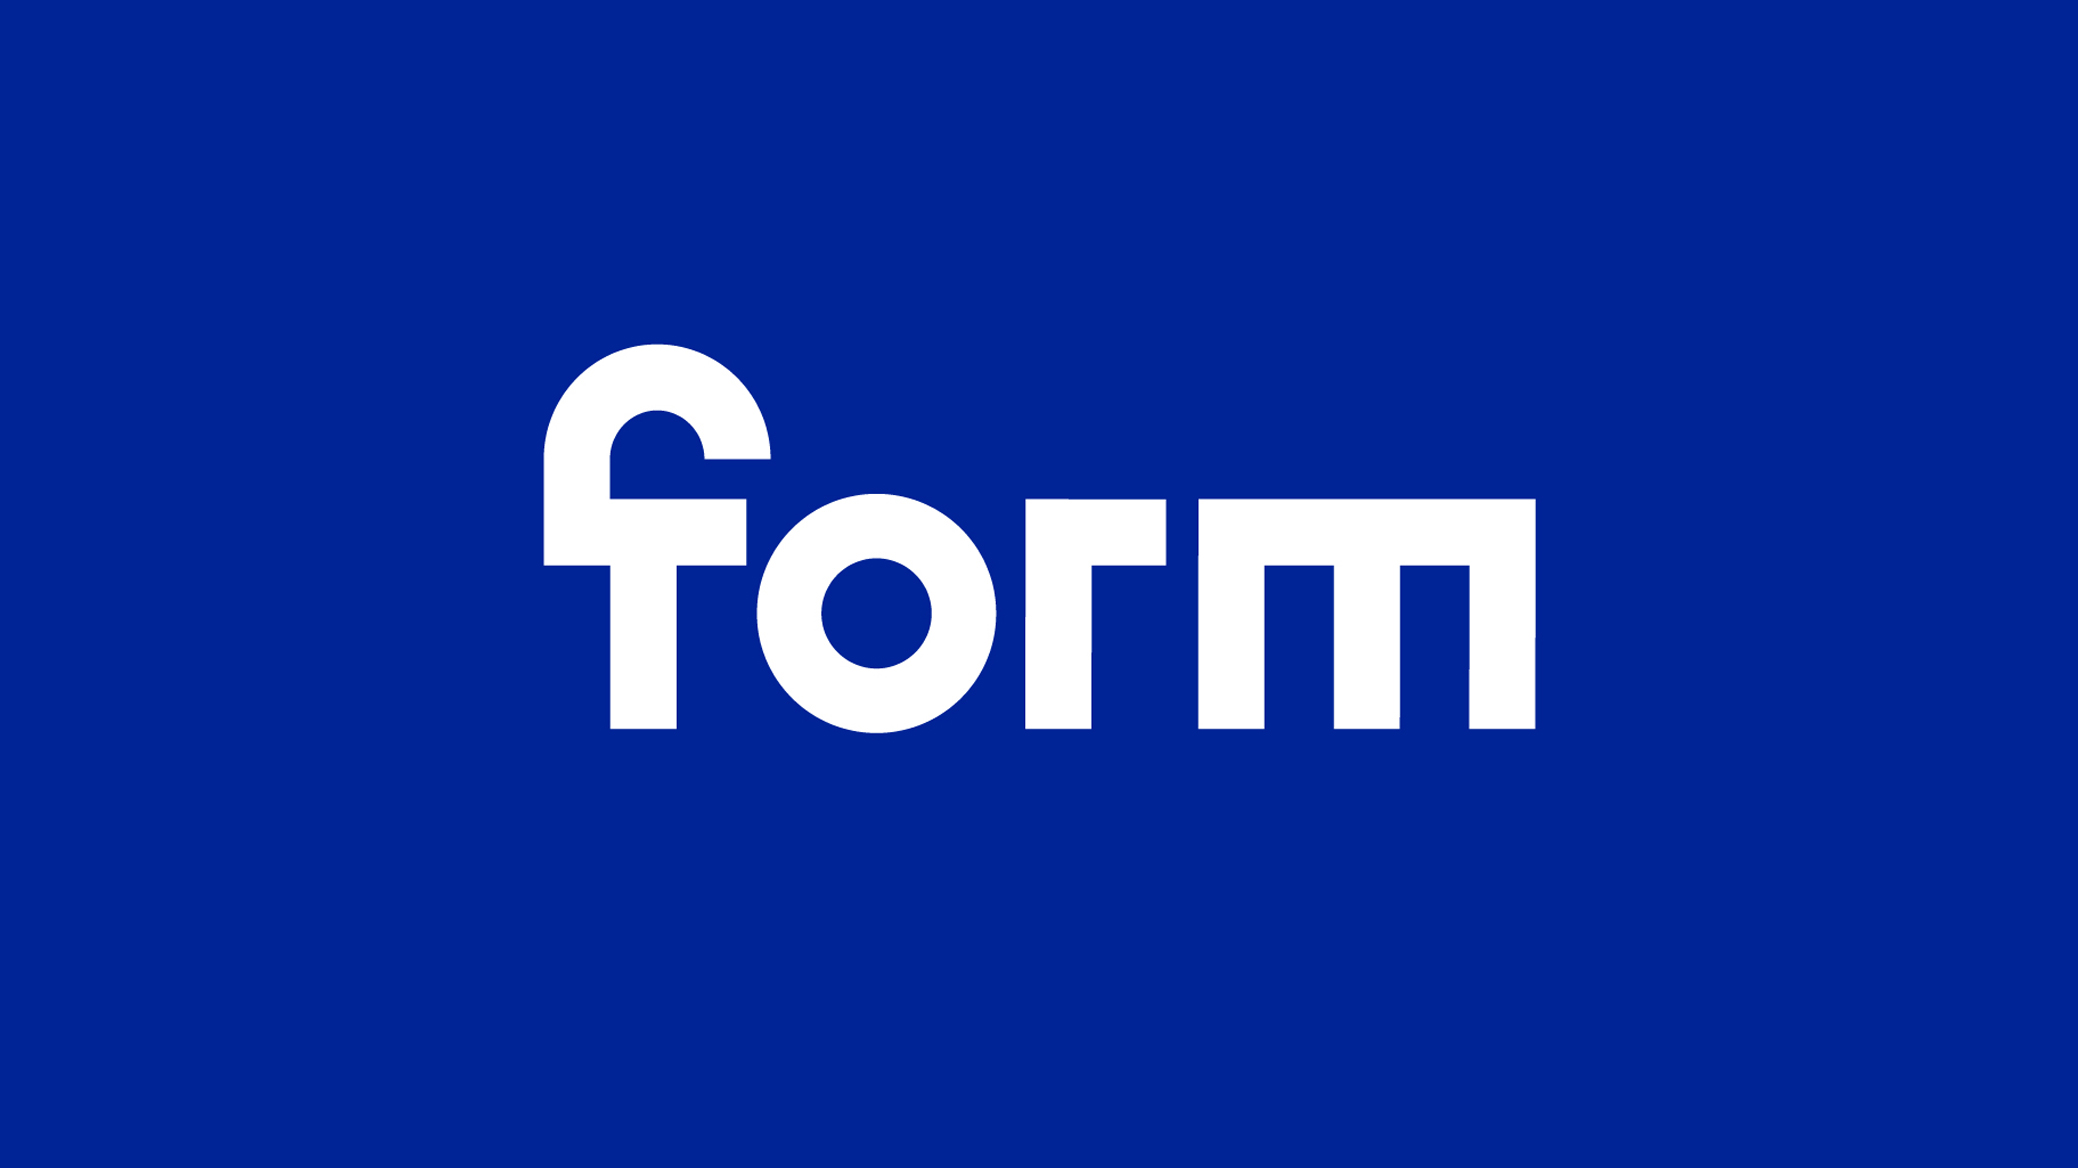 Form Bureau Identity and Website Designed by ESH Gruppa